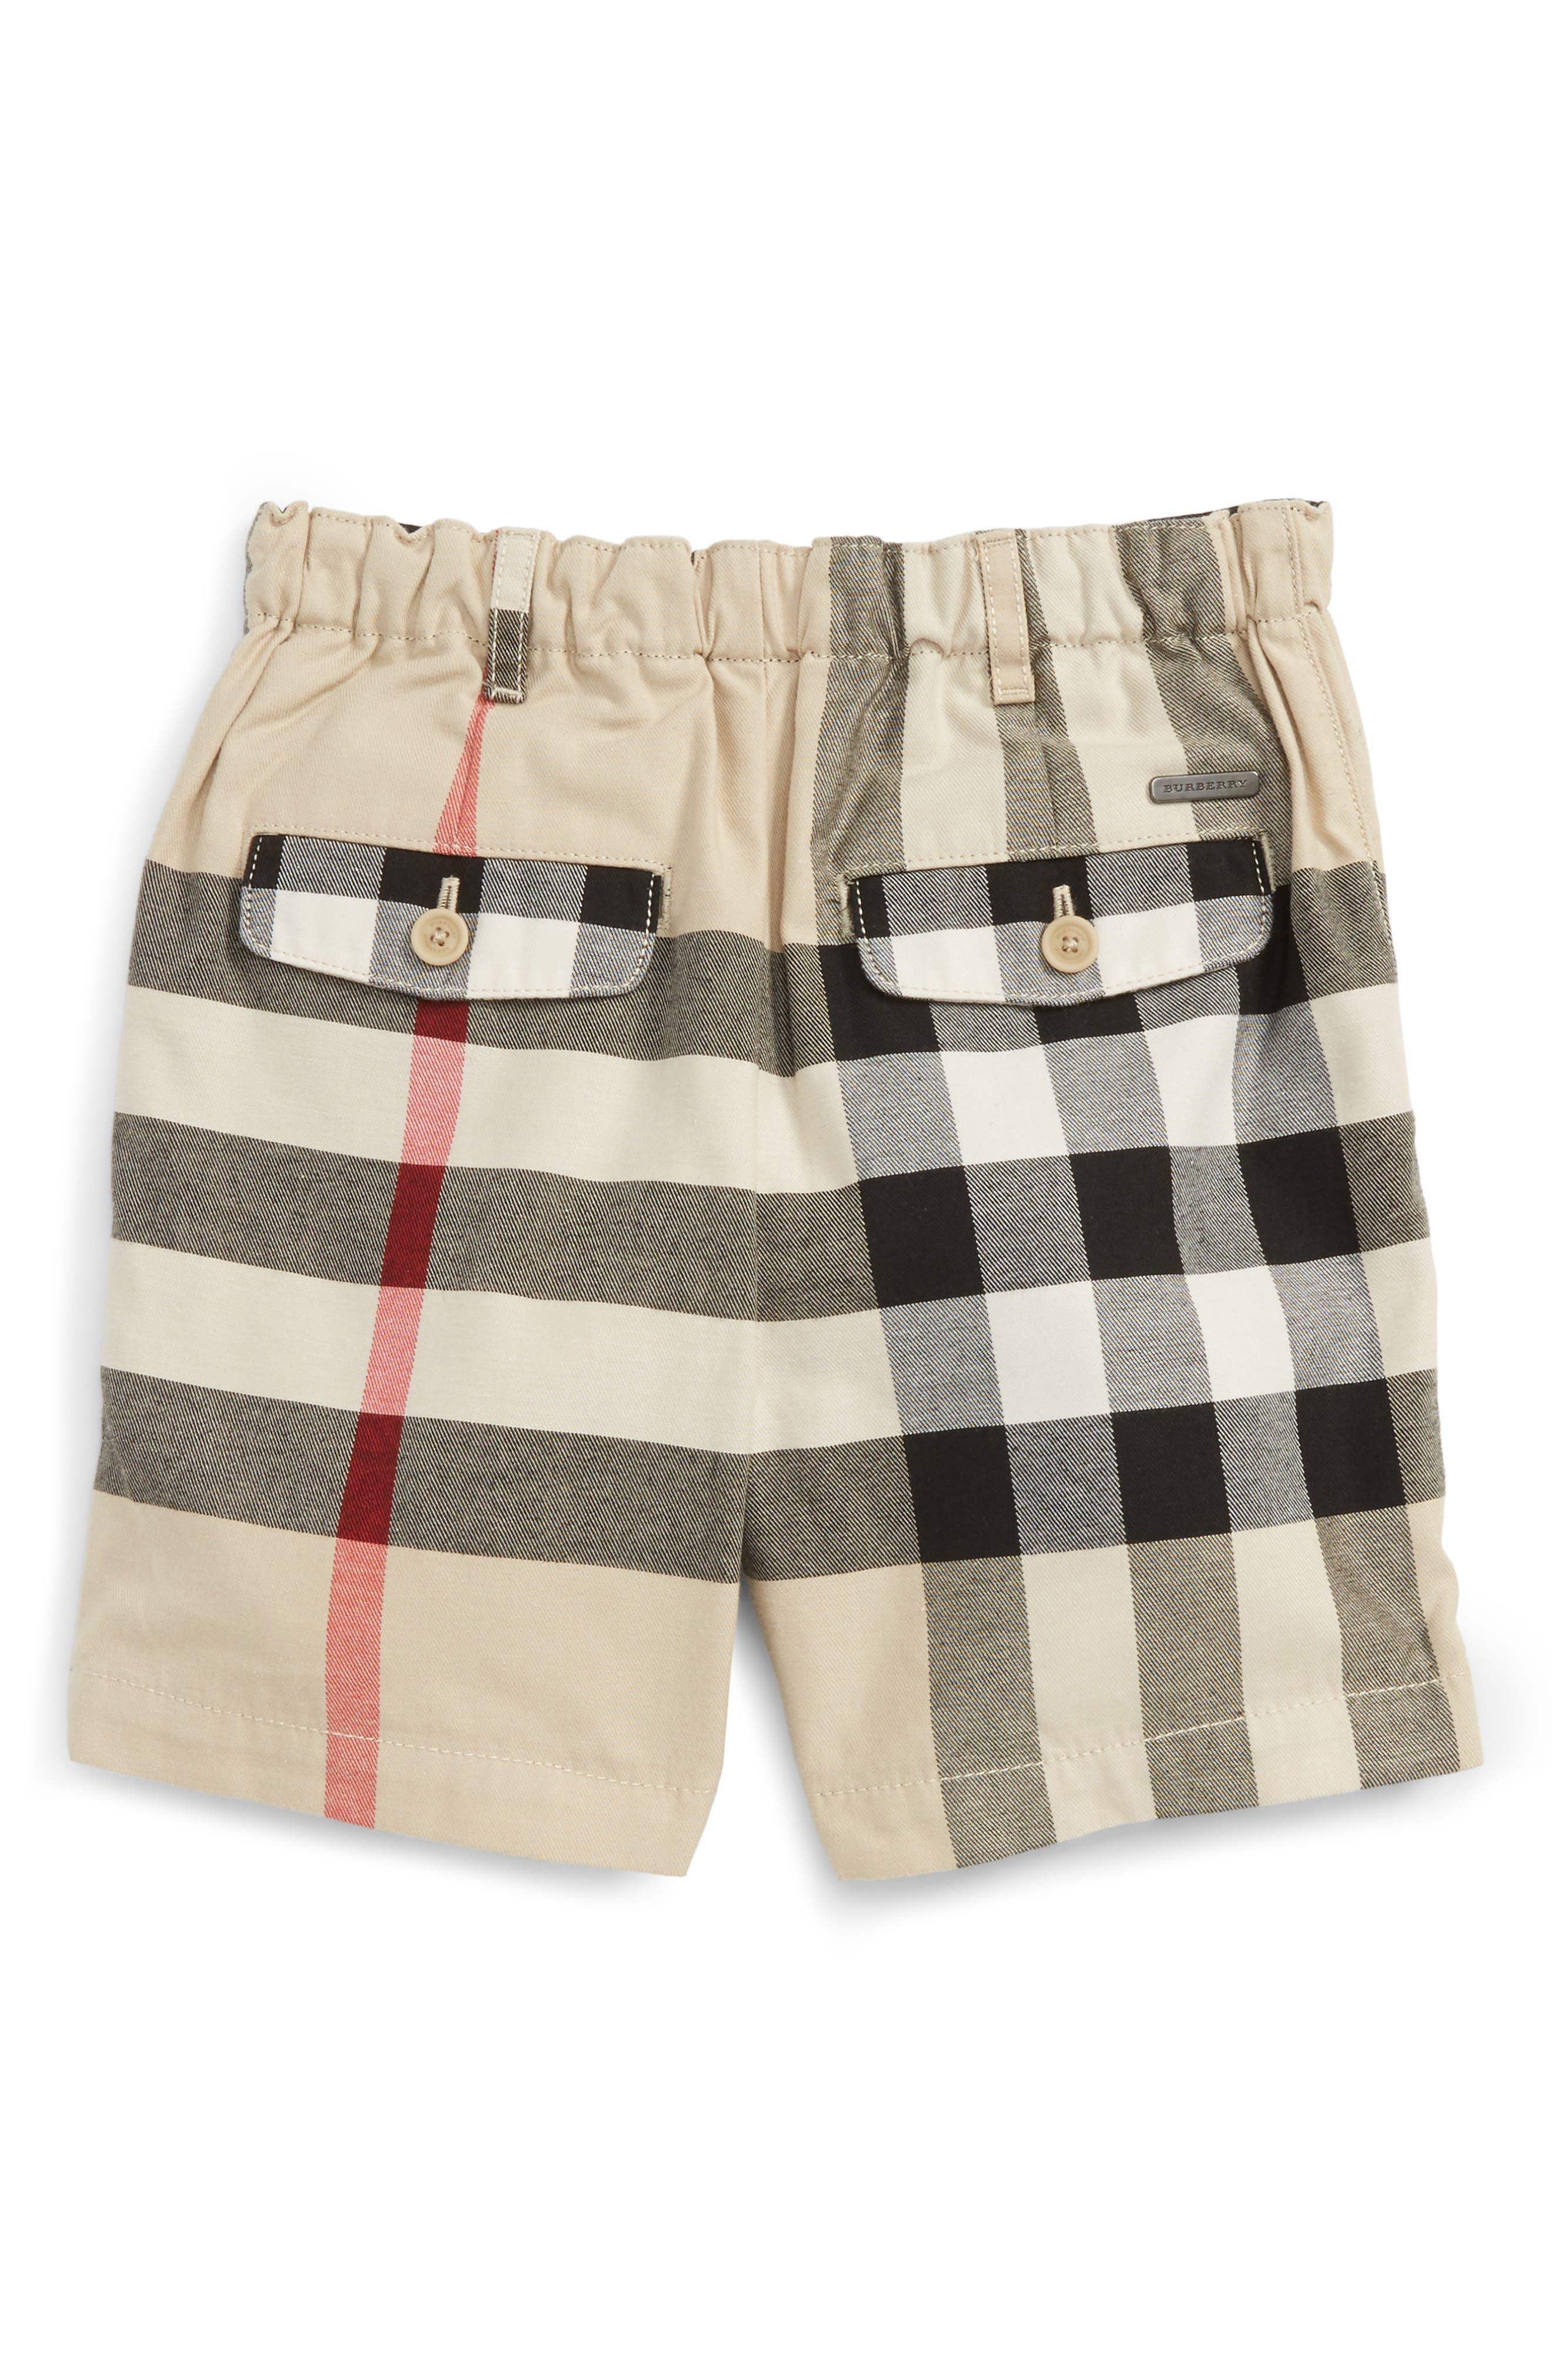 Sean Check Print Shorts,                         Main,                         color,